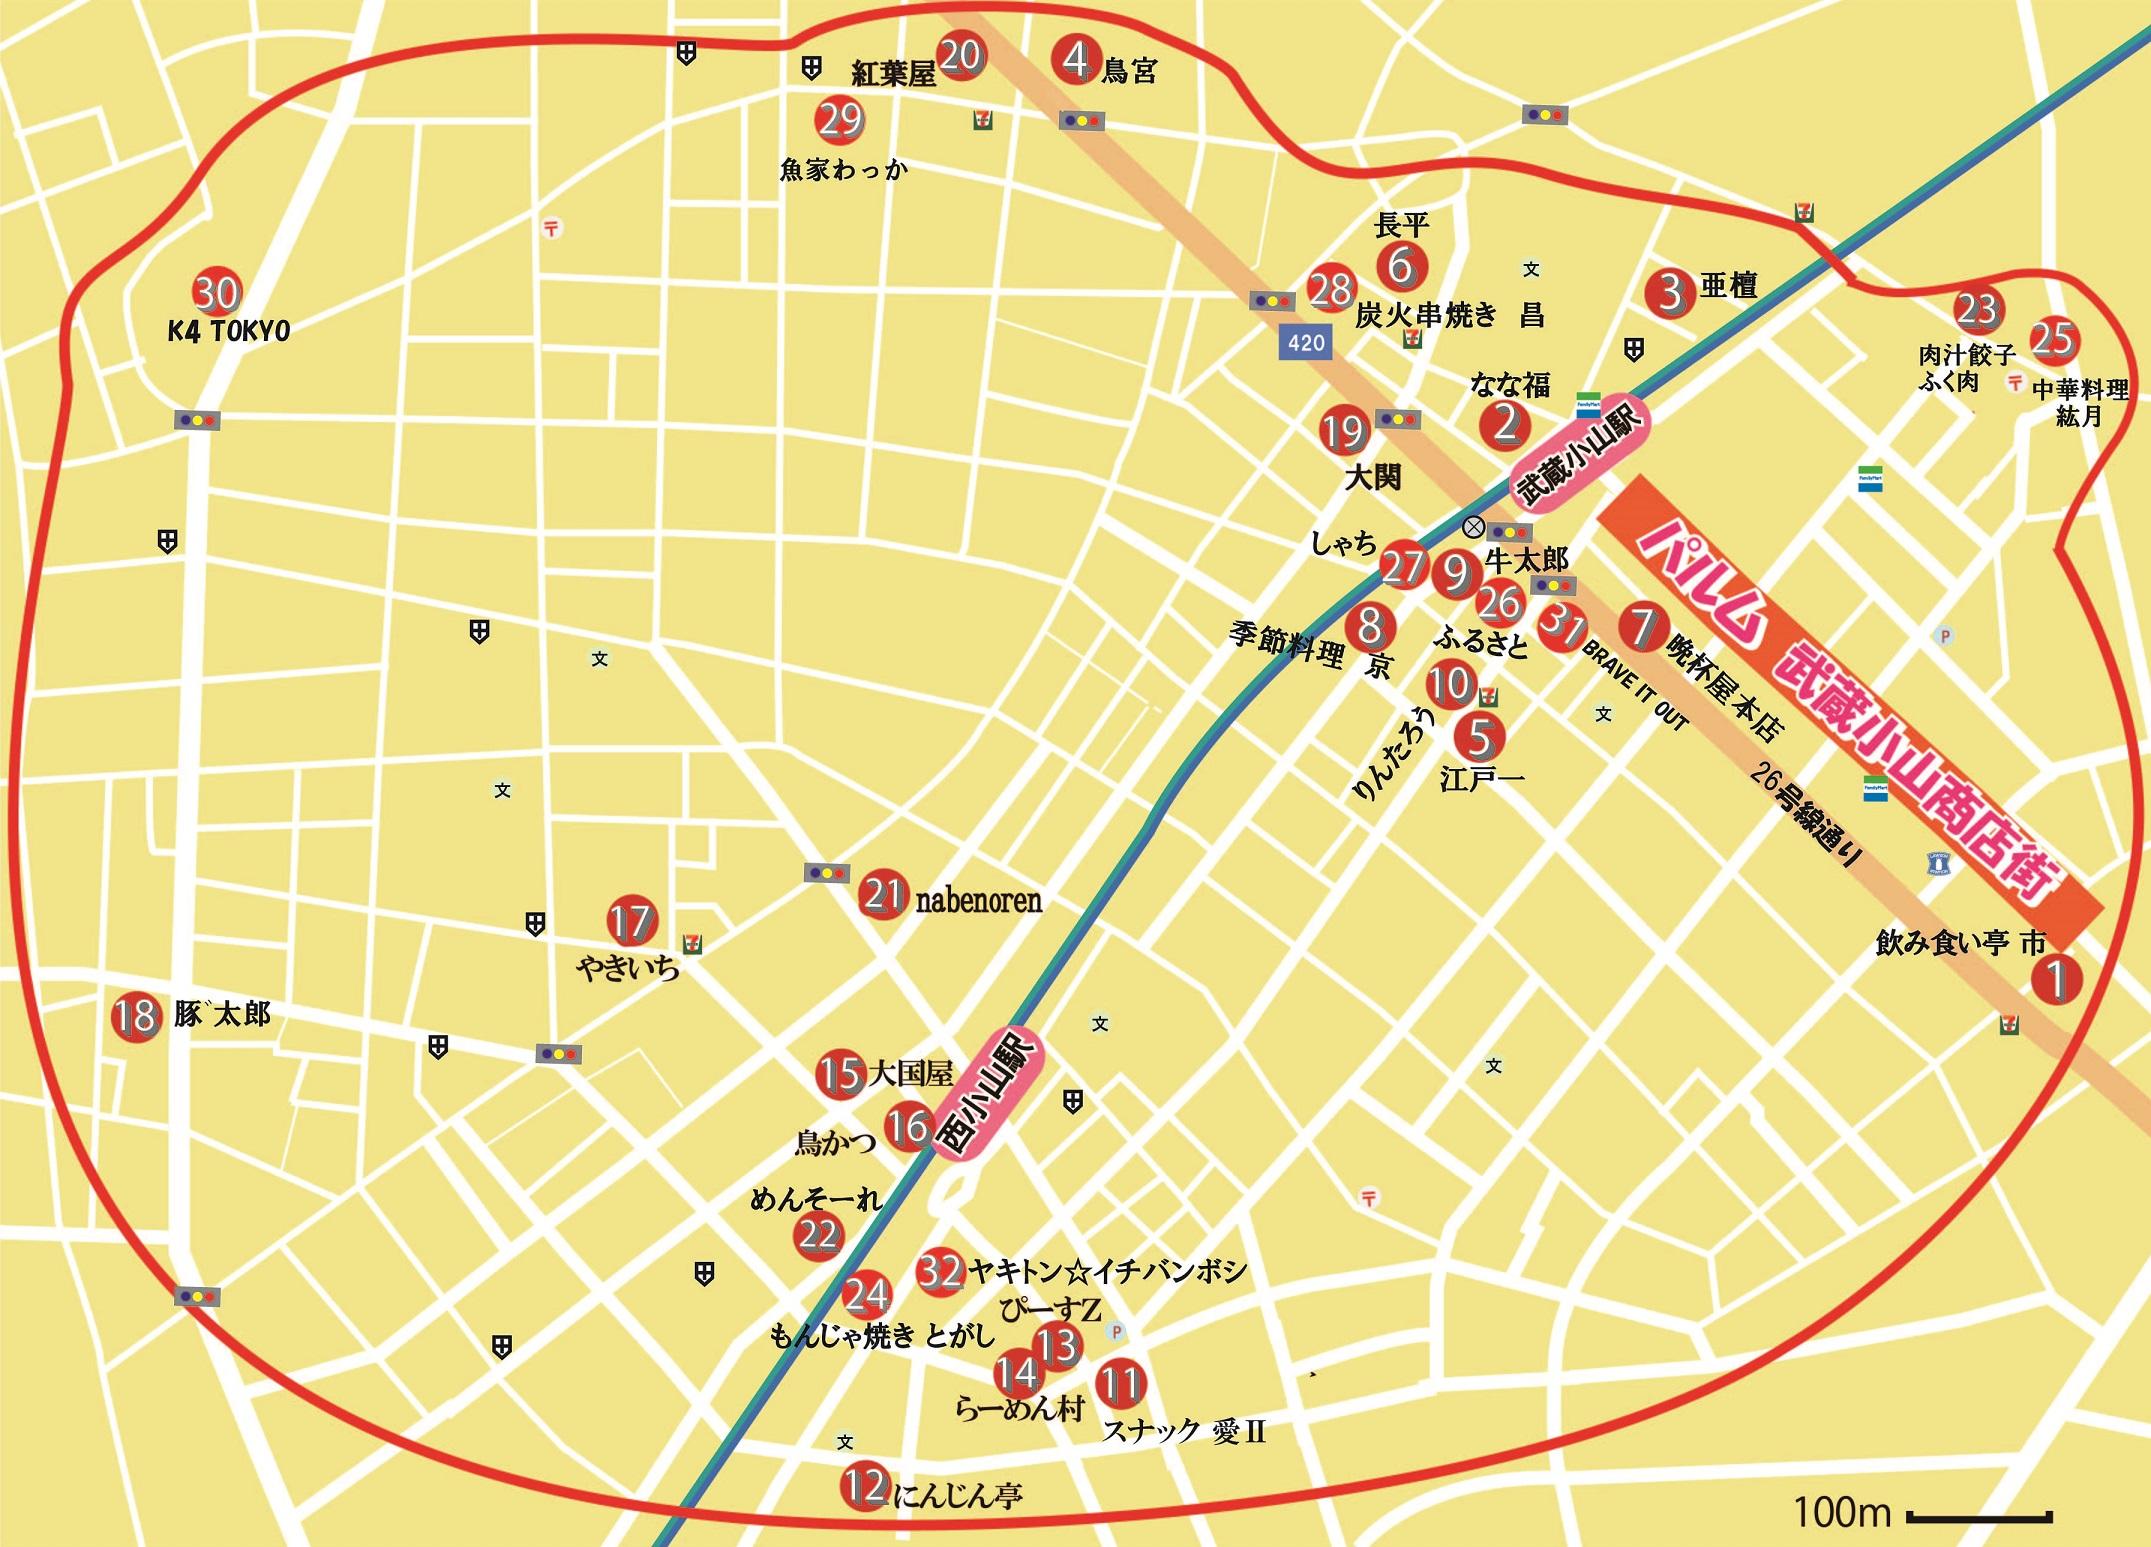 20190201_ハイサワー特区地図参加店-01